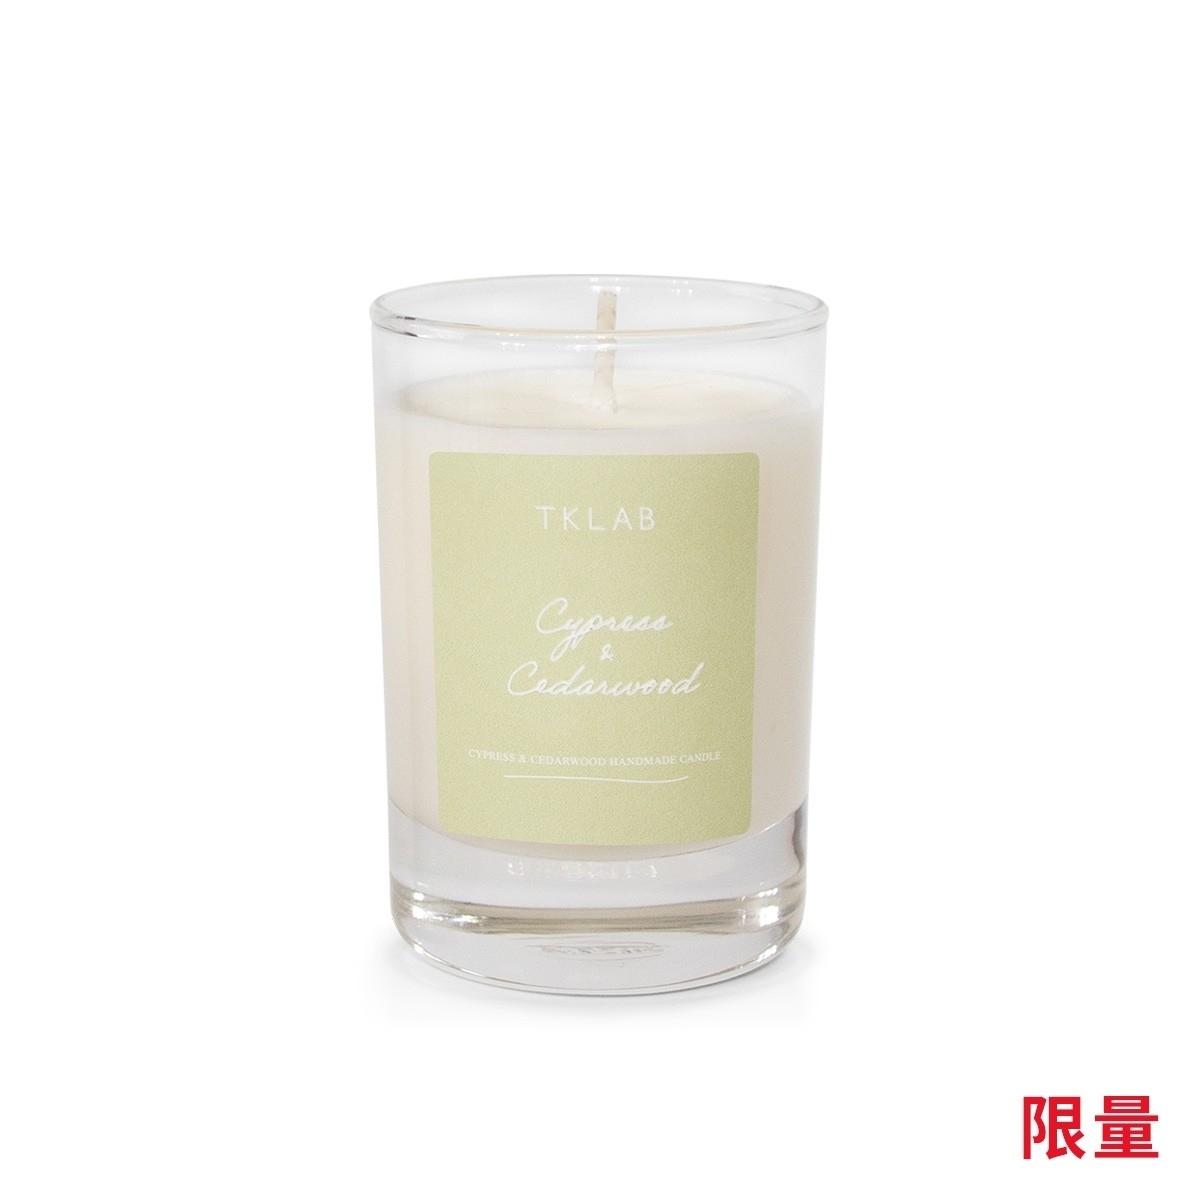 絲柏與雪松香氛手工蠟燭